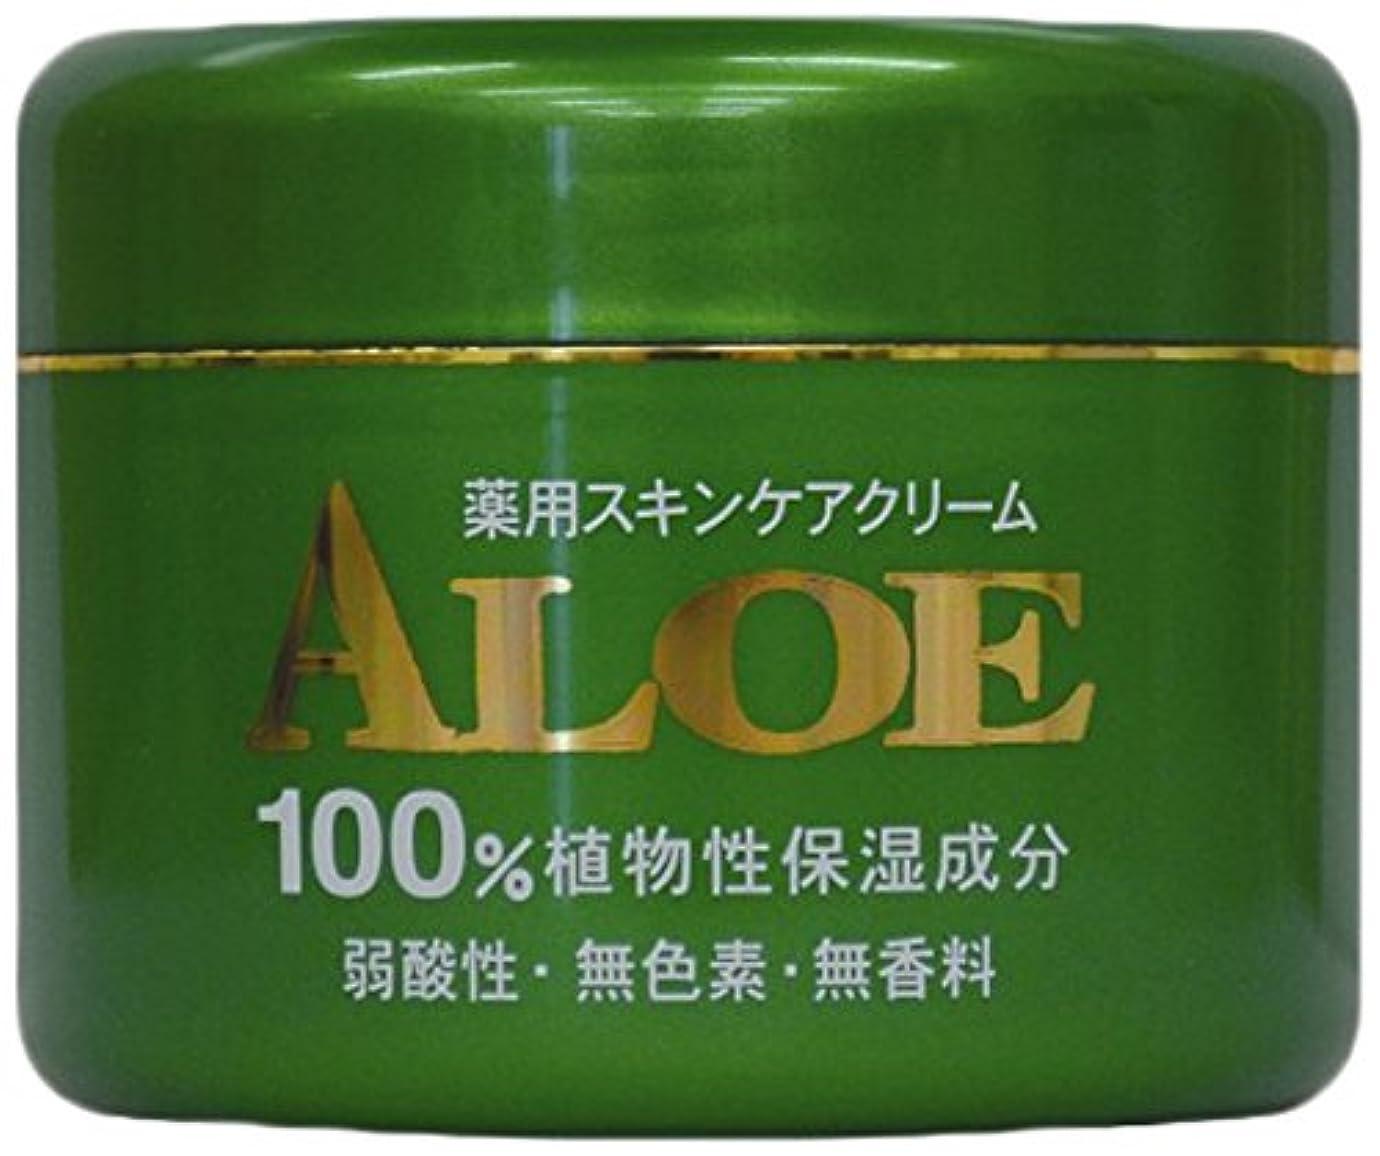 サラミこねるめ言葉アロエ薬用 スキンケアクリーム 185g